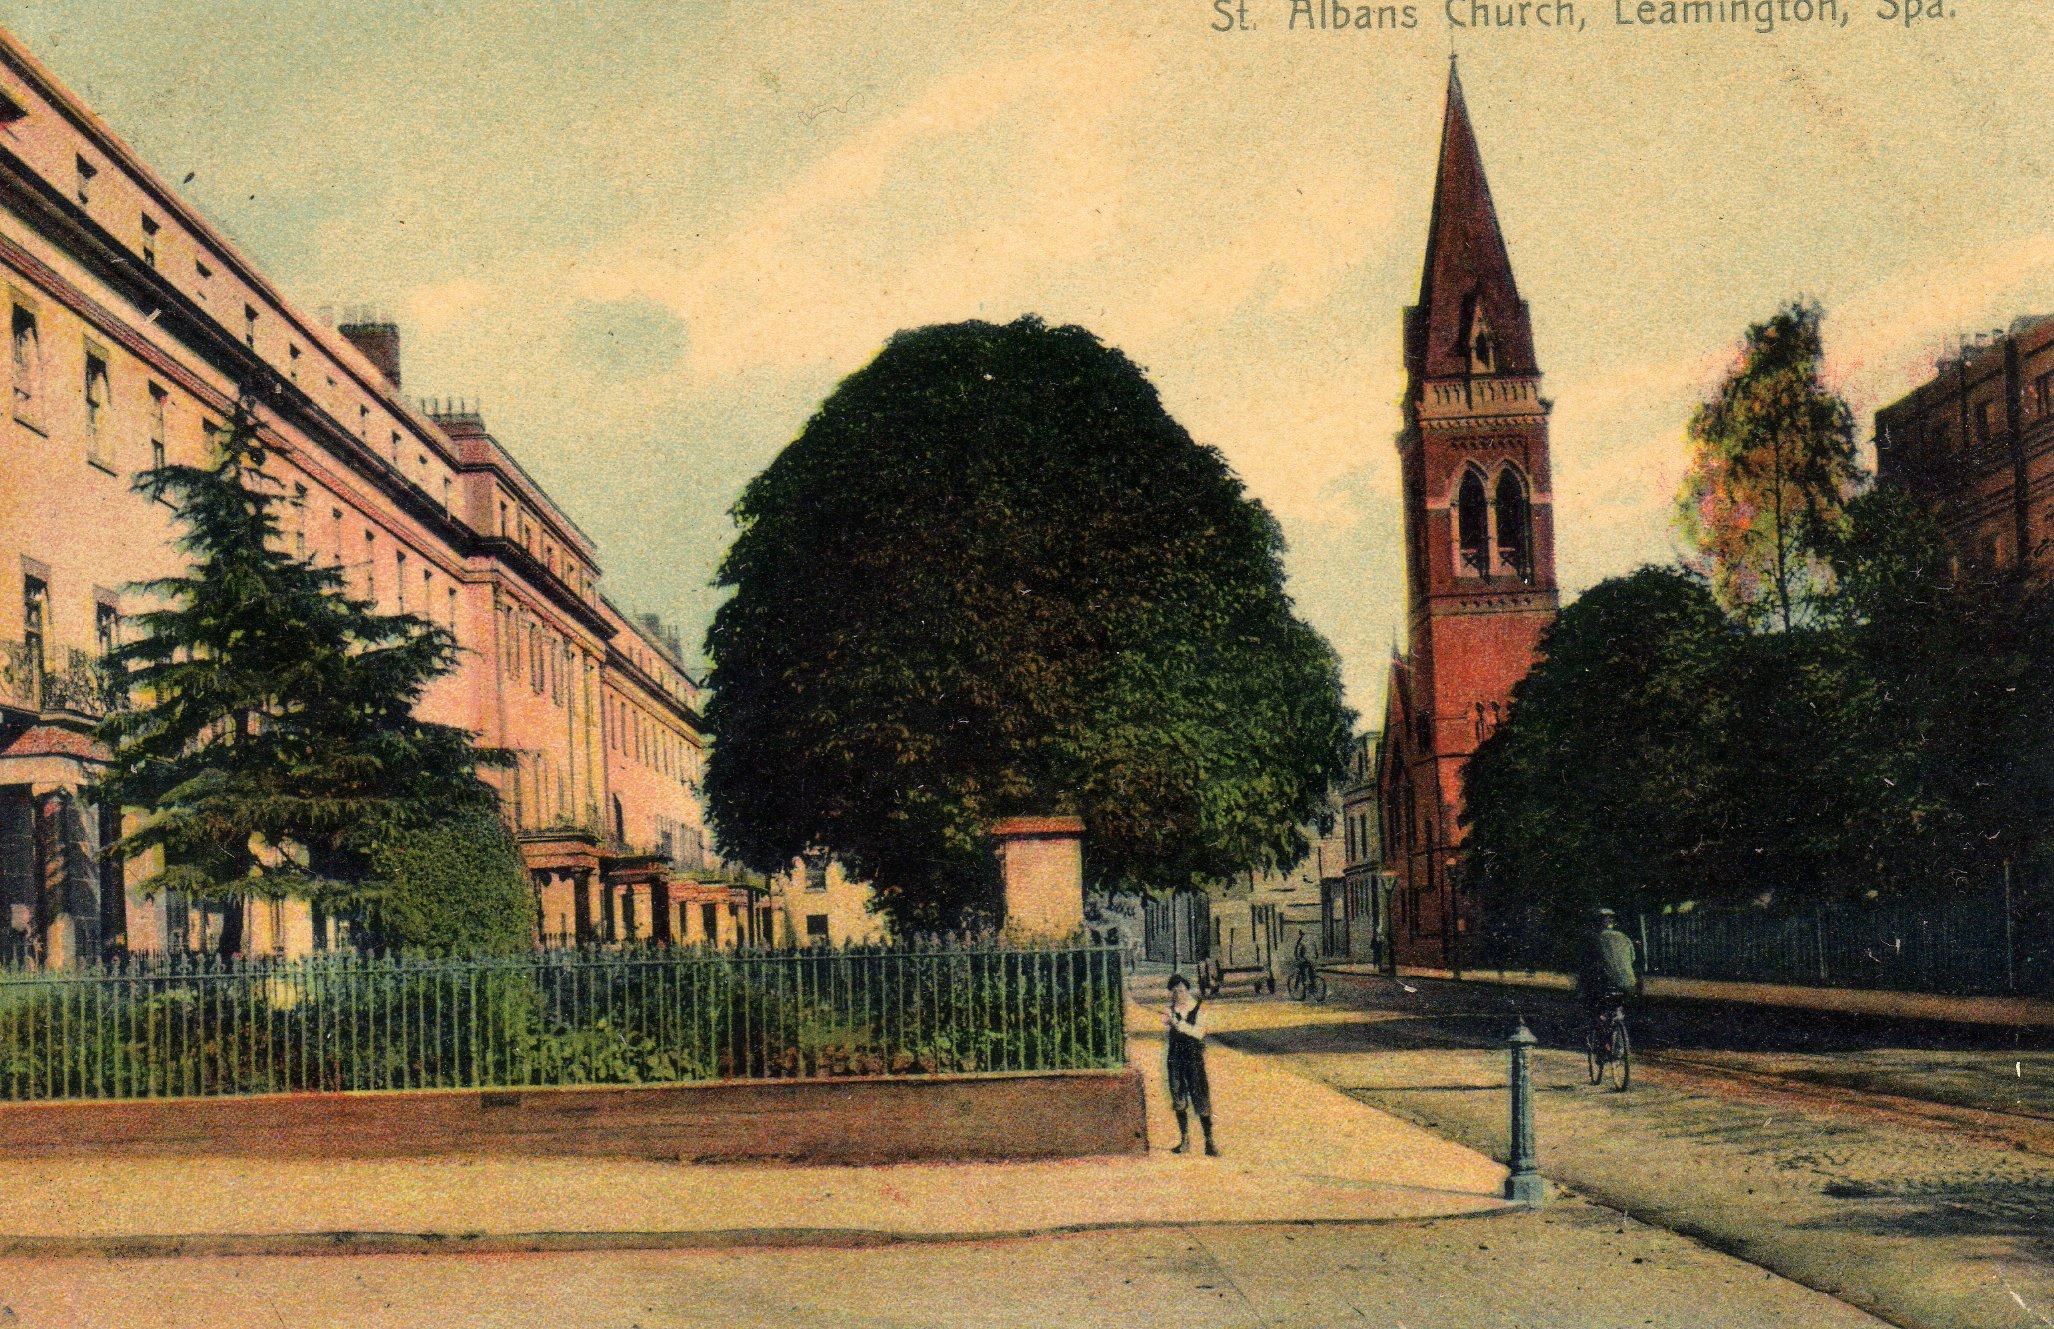 Warwick Street & St. Albans Church